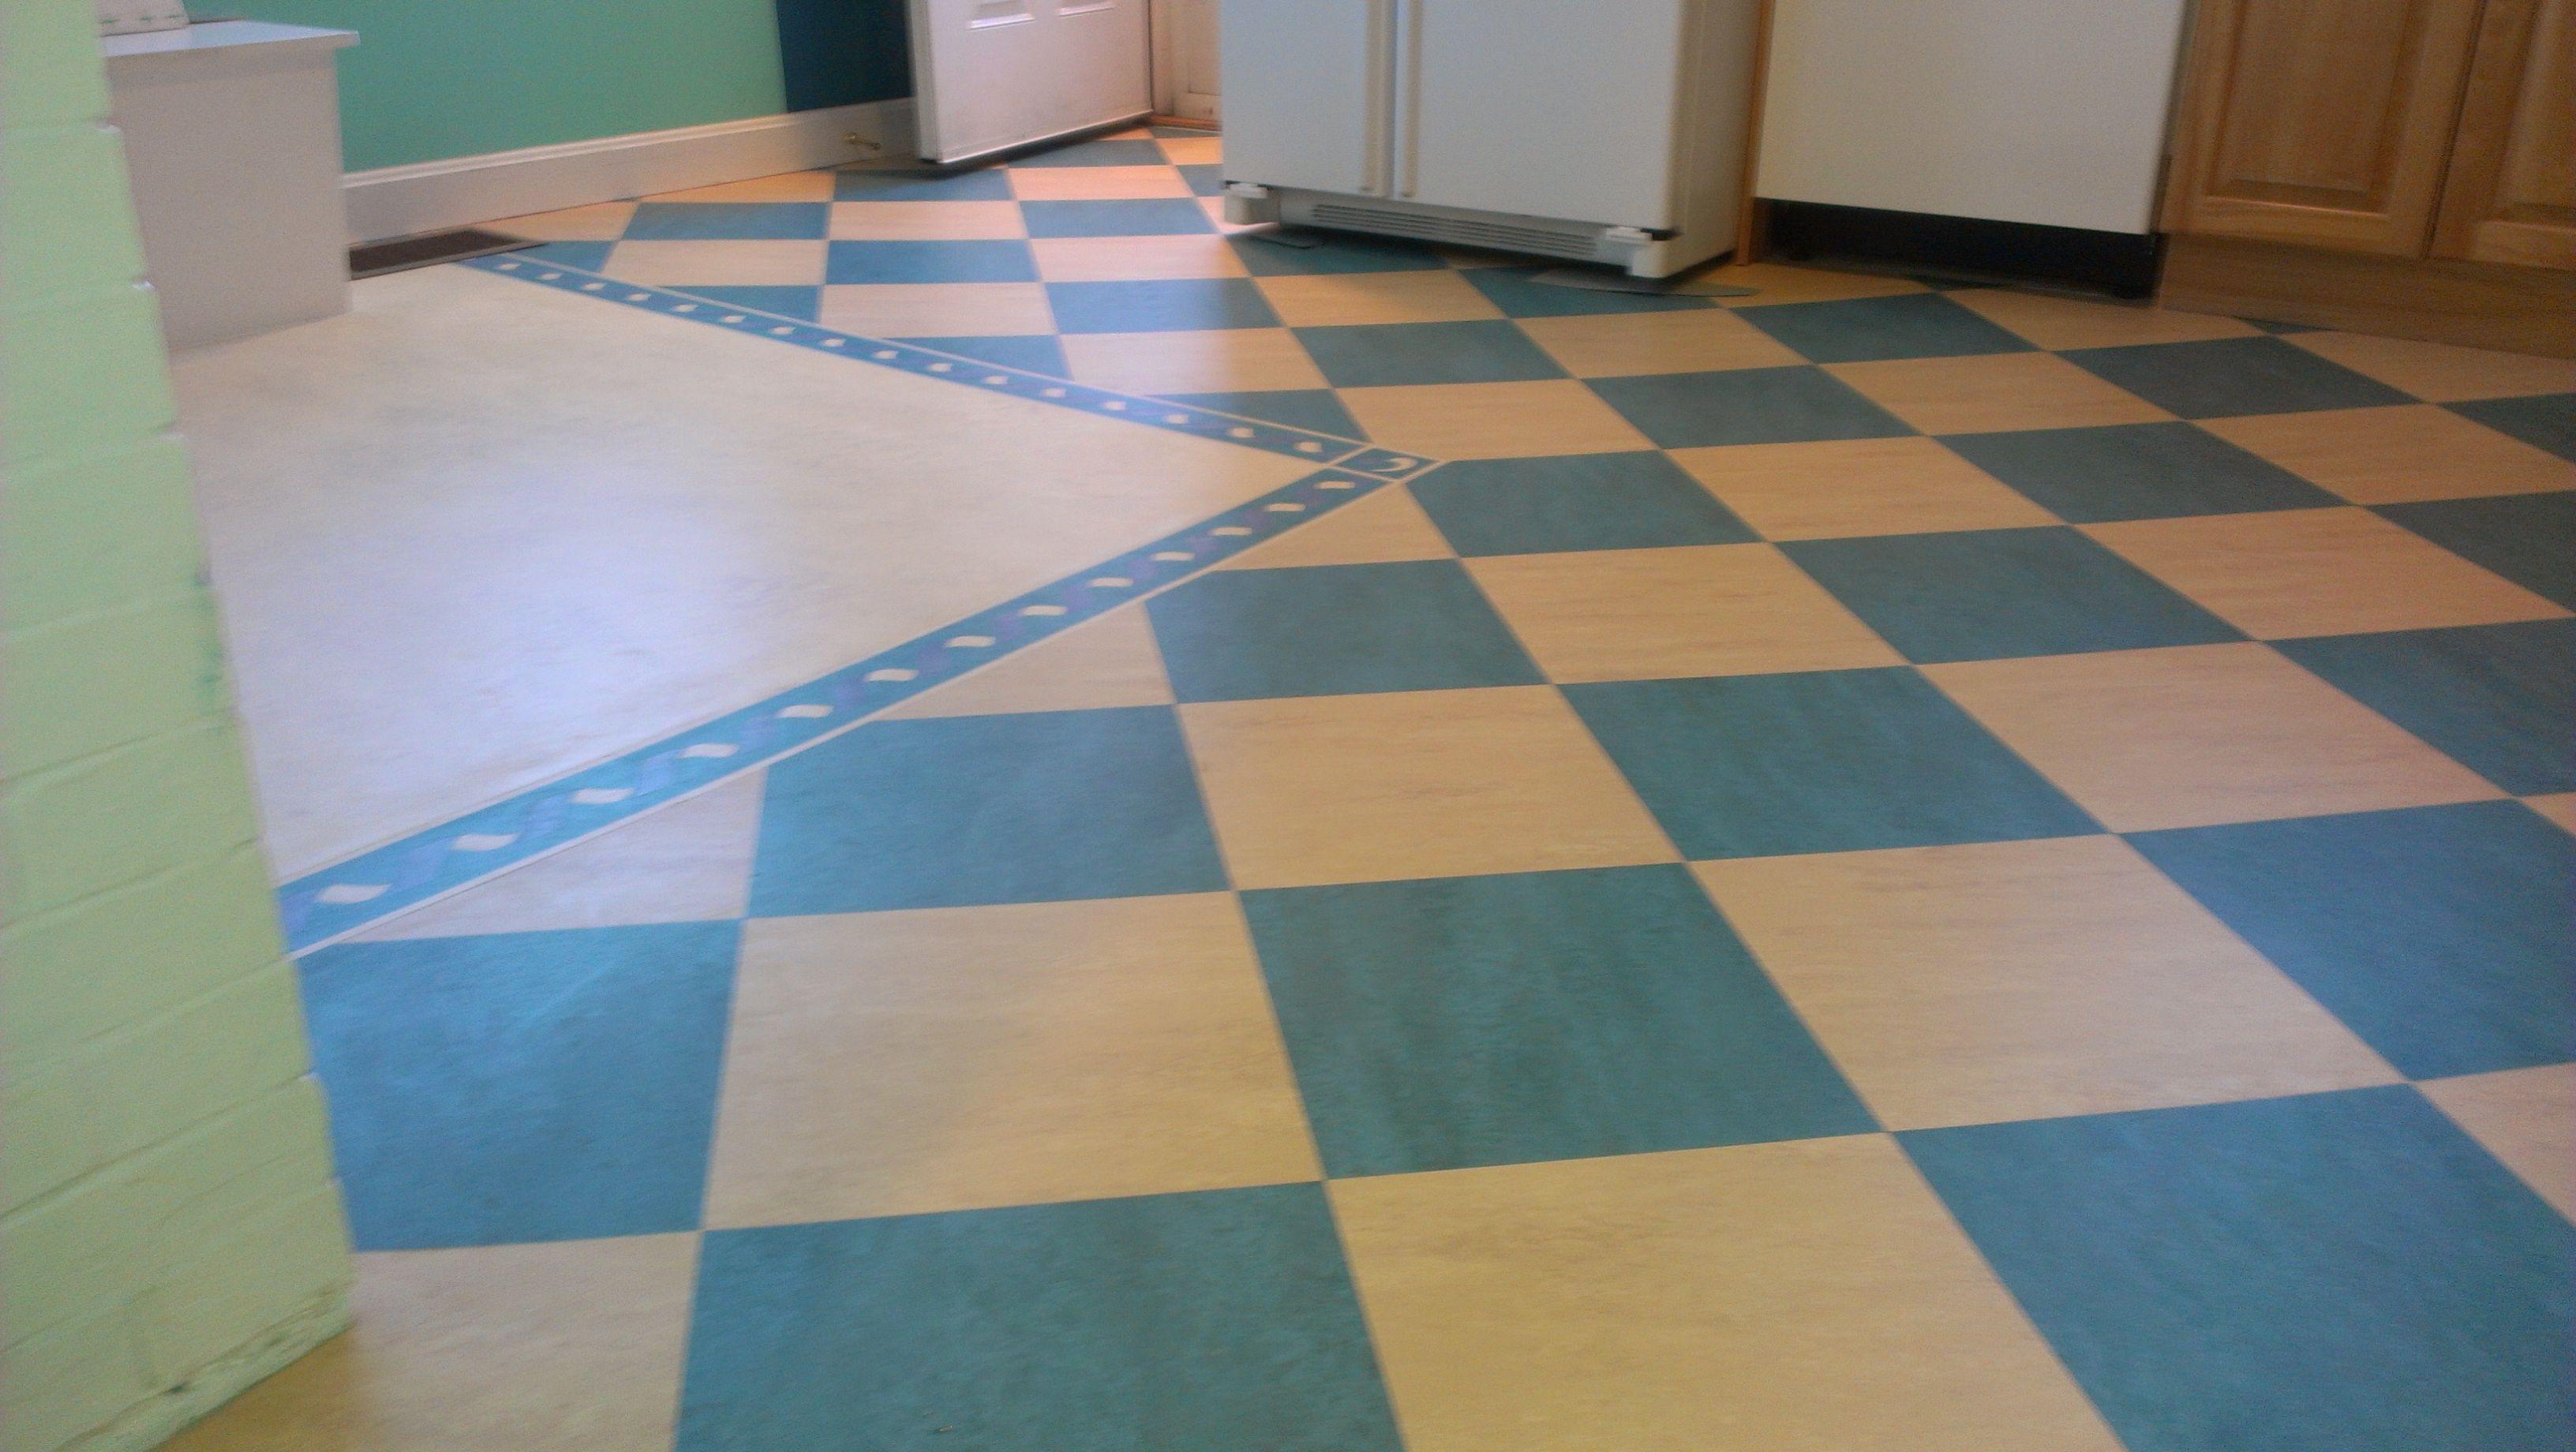 linoleum kitchen flooring Flooring Ideas Black And Brown Checkerboard Marmoleum Linoleum Kitchen Floor Benefits of Linoleum Floor